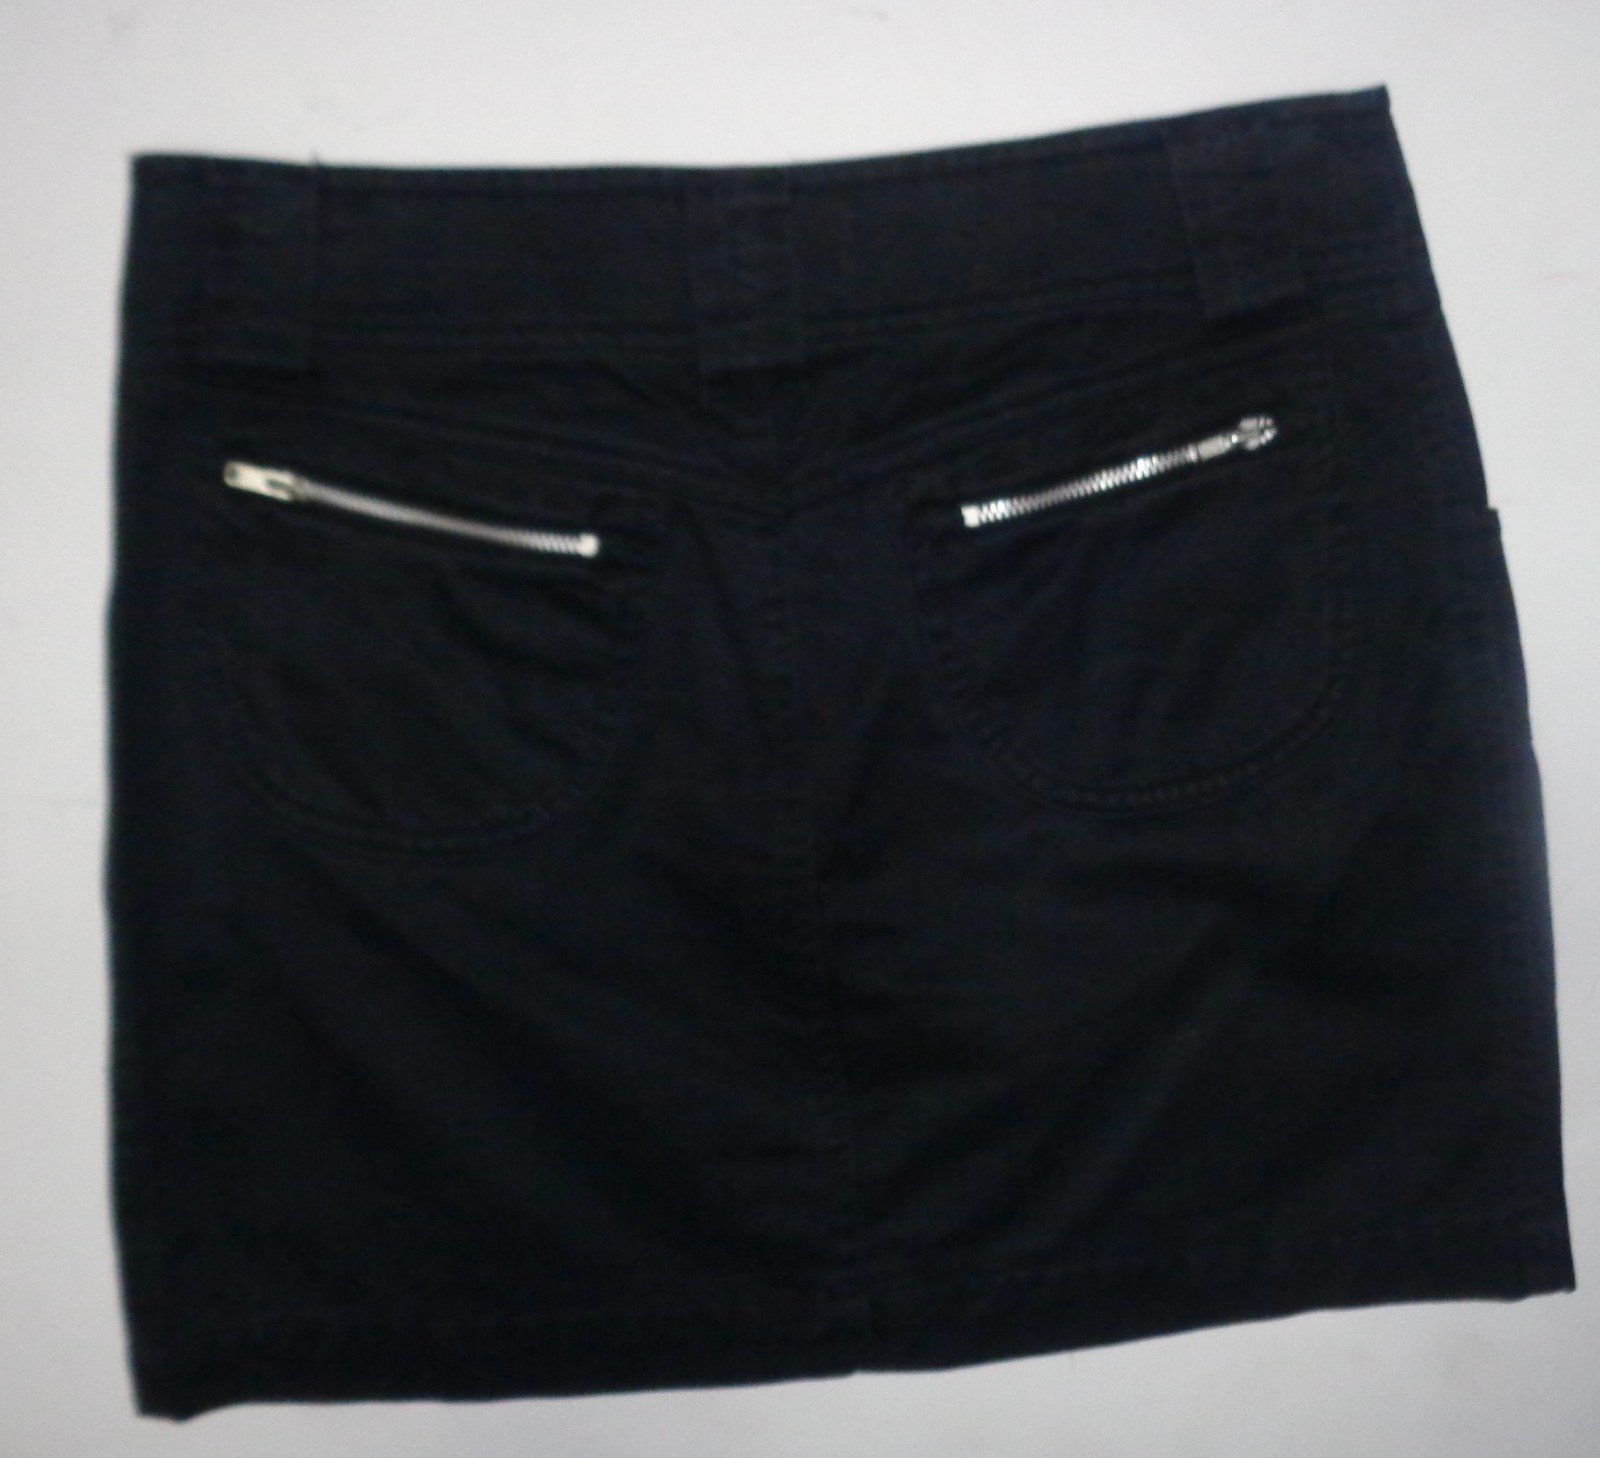 Armani Black Fashion Mini Jean Skirt Zippered SZ 0